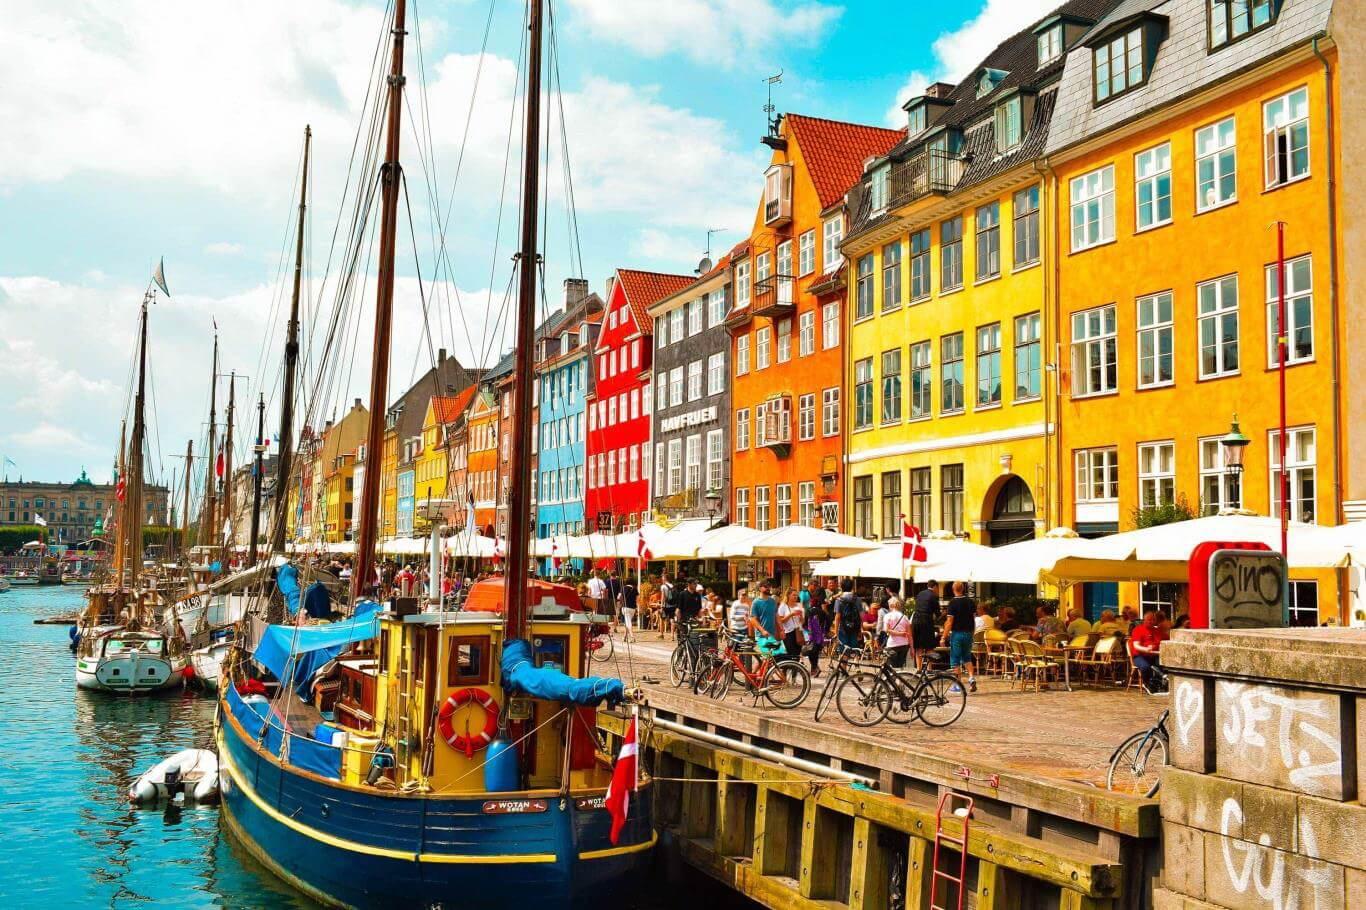 5. Copenhagen đa sắc màu (Đan Mạch)